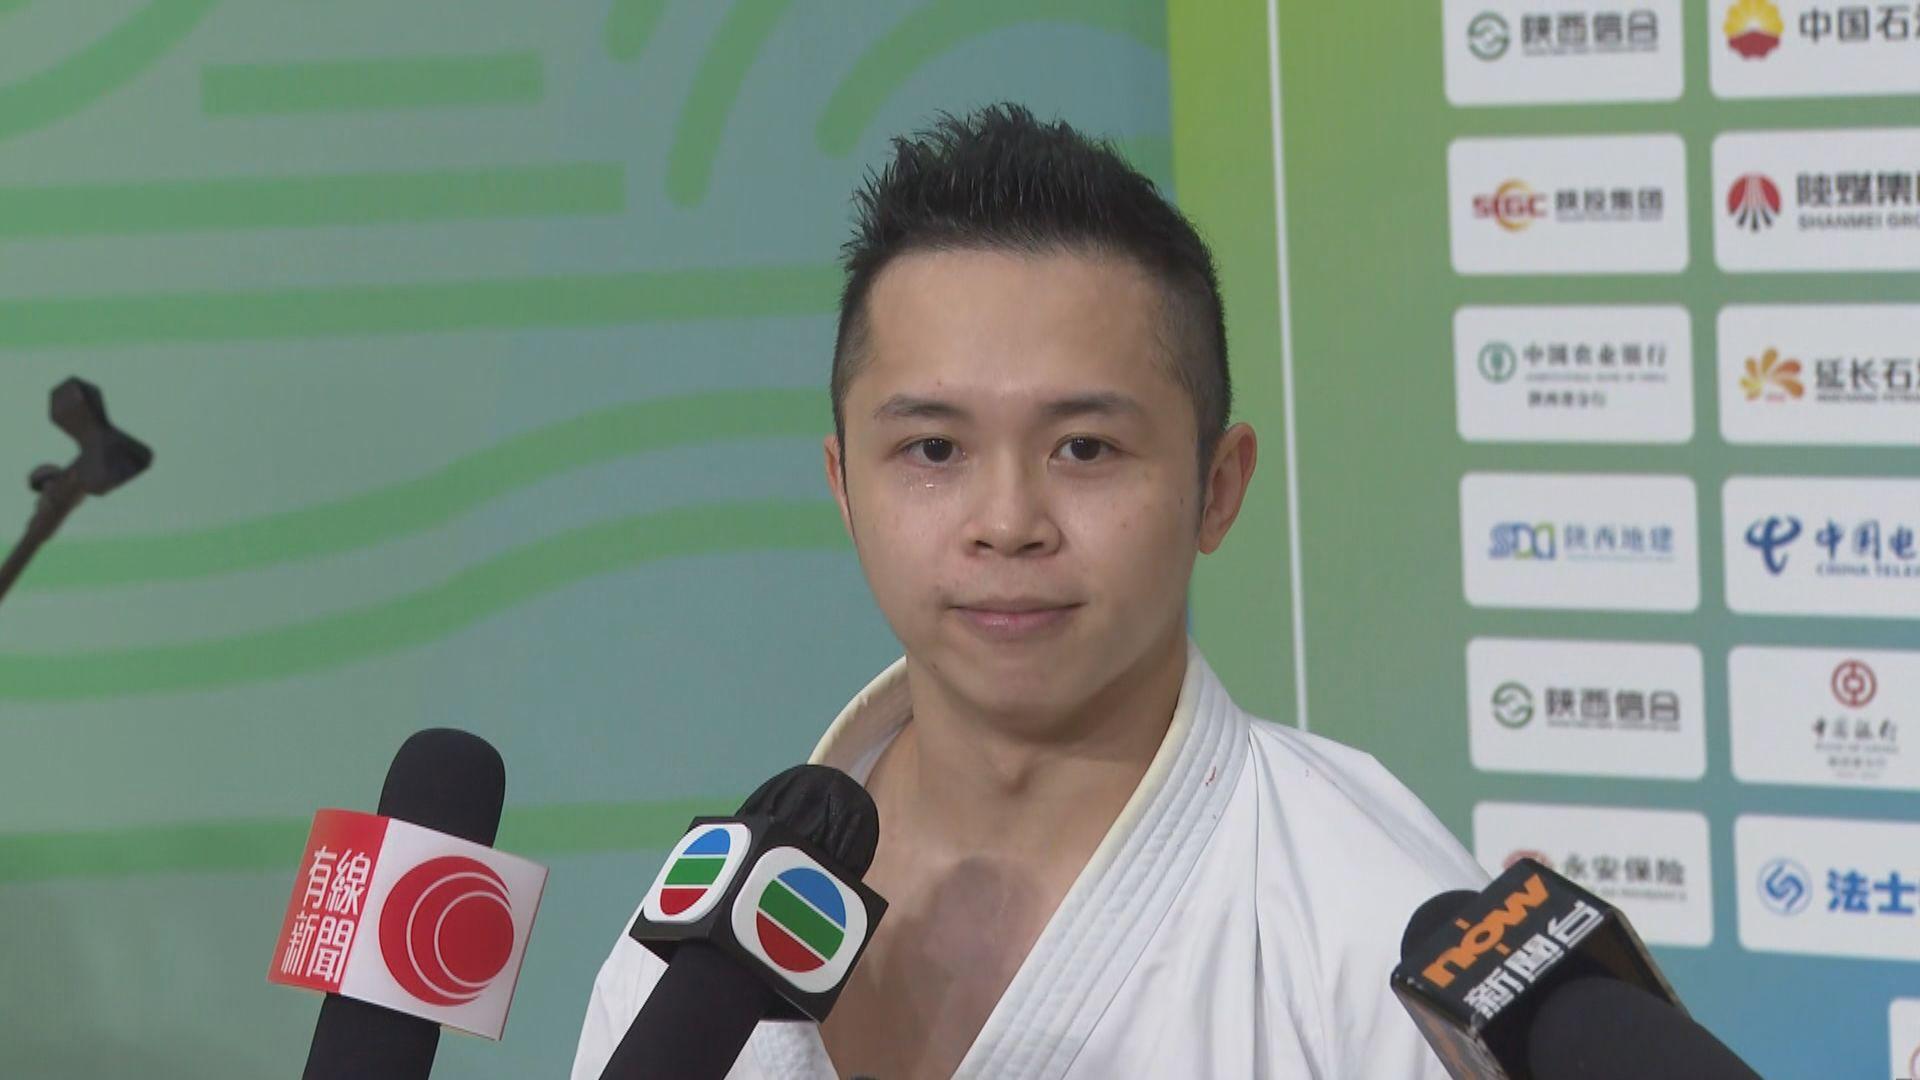 全運會空手道個人型 港隊劉知名躋身銅牌賽